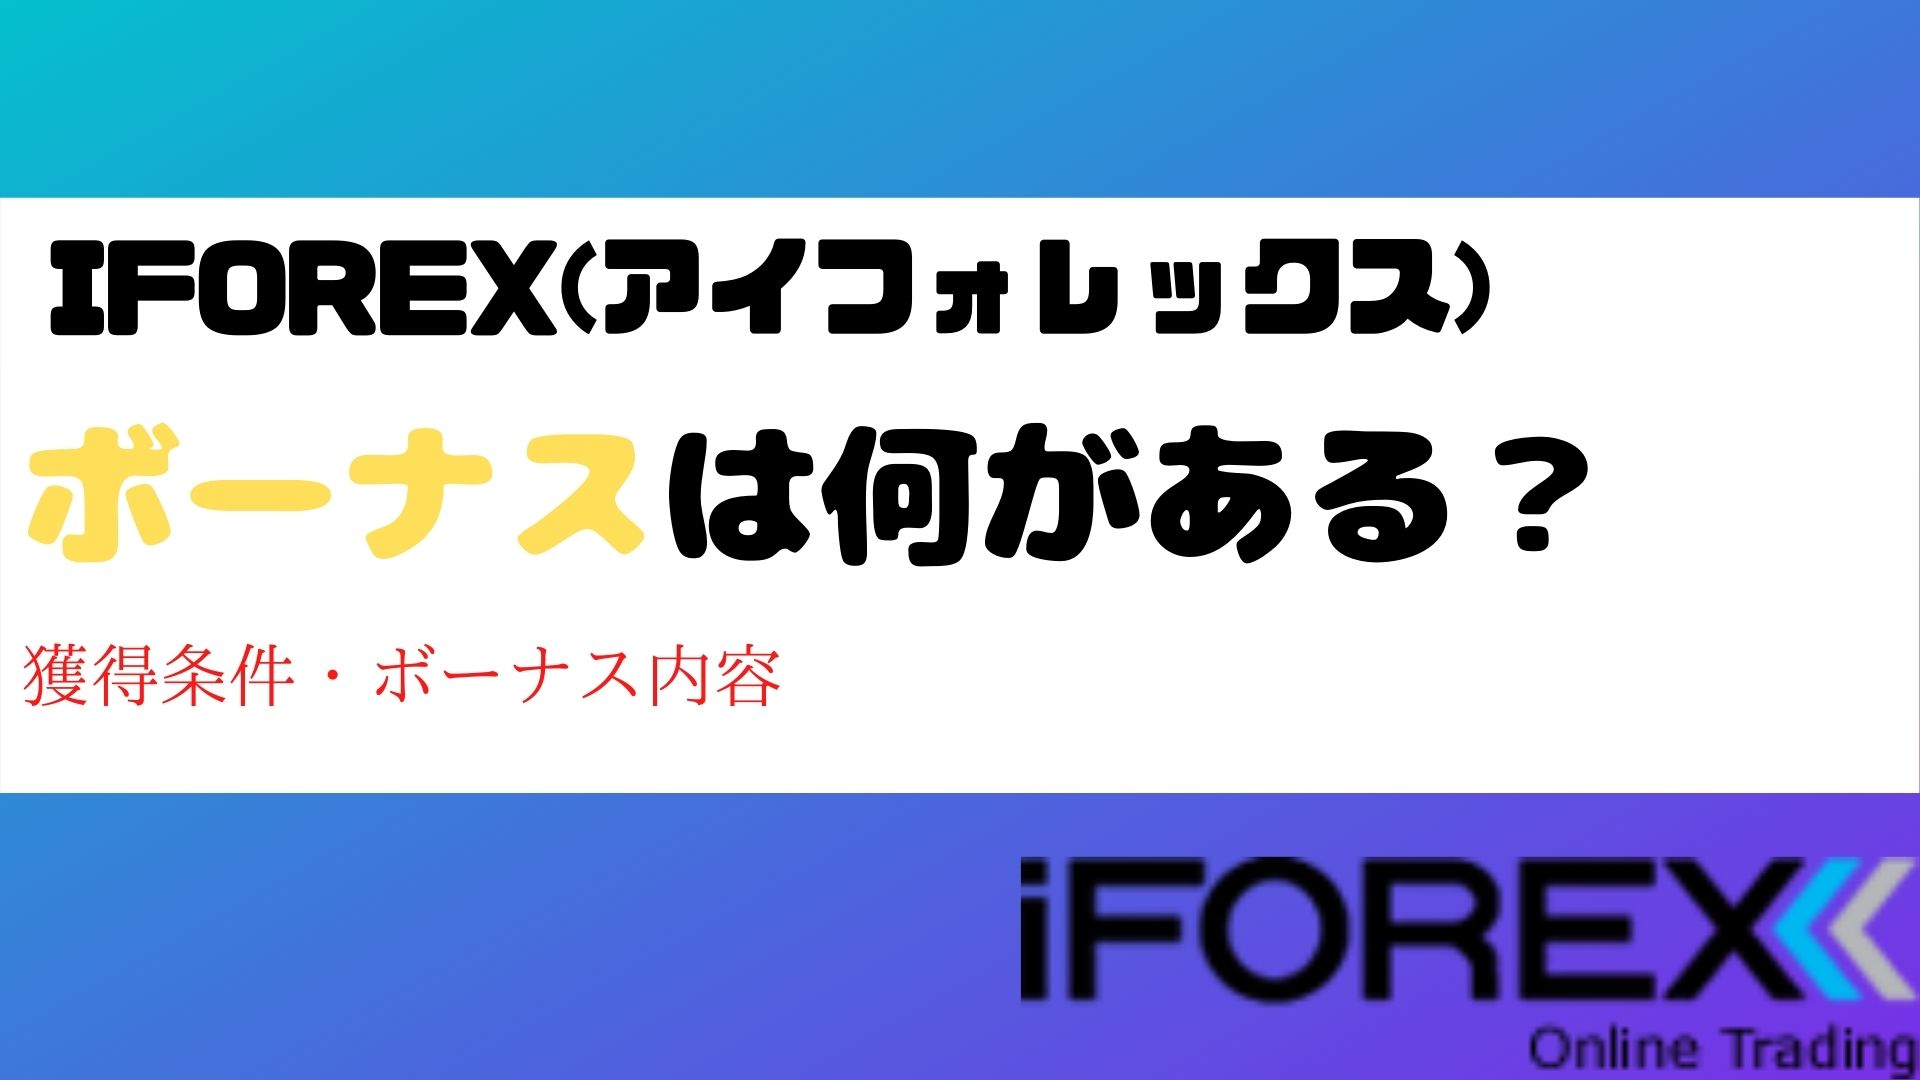 iforex-bonus-title